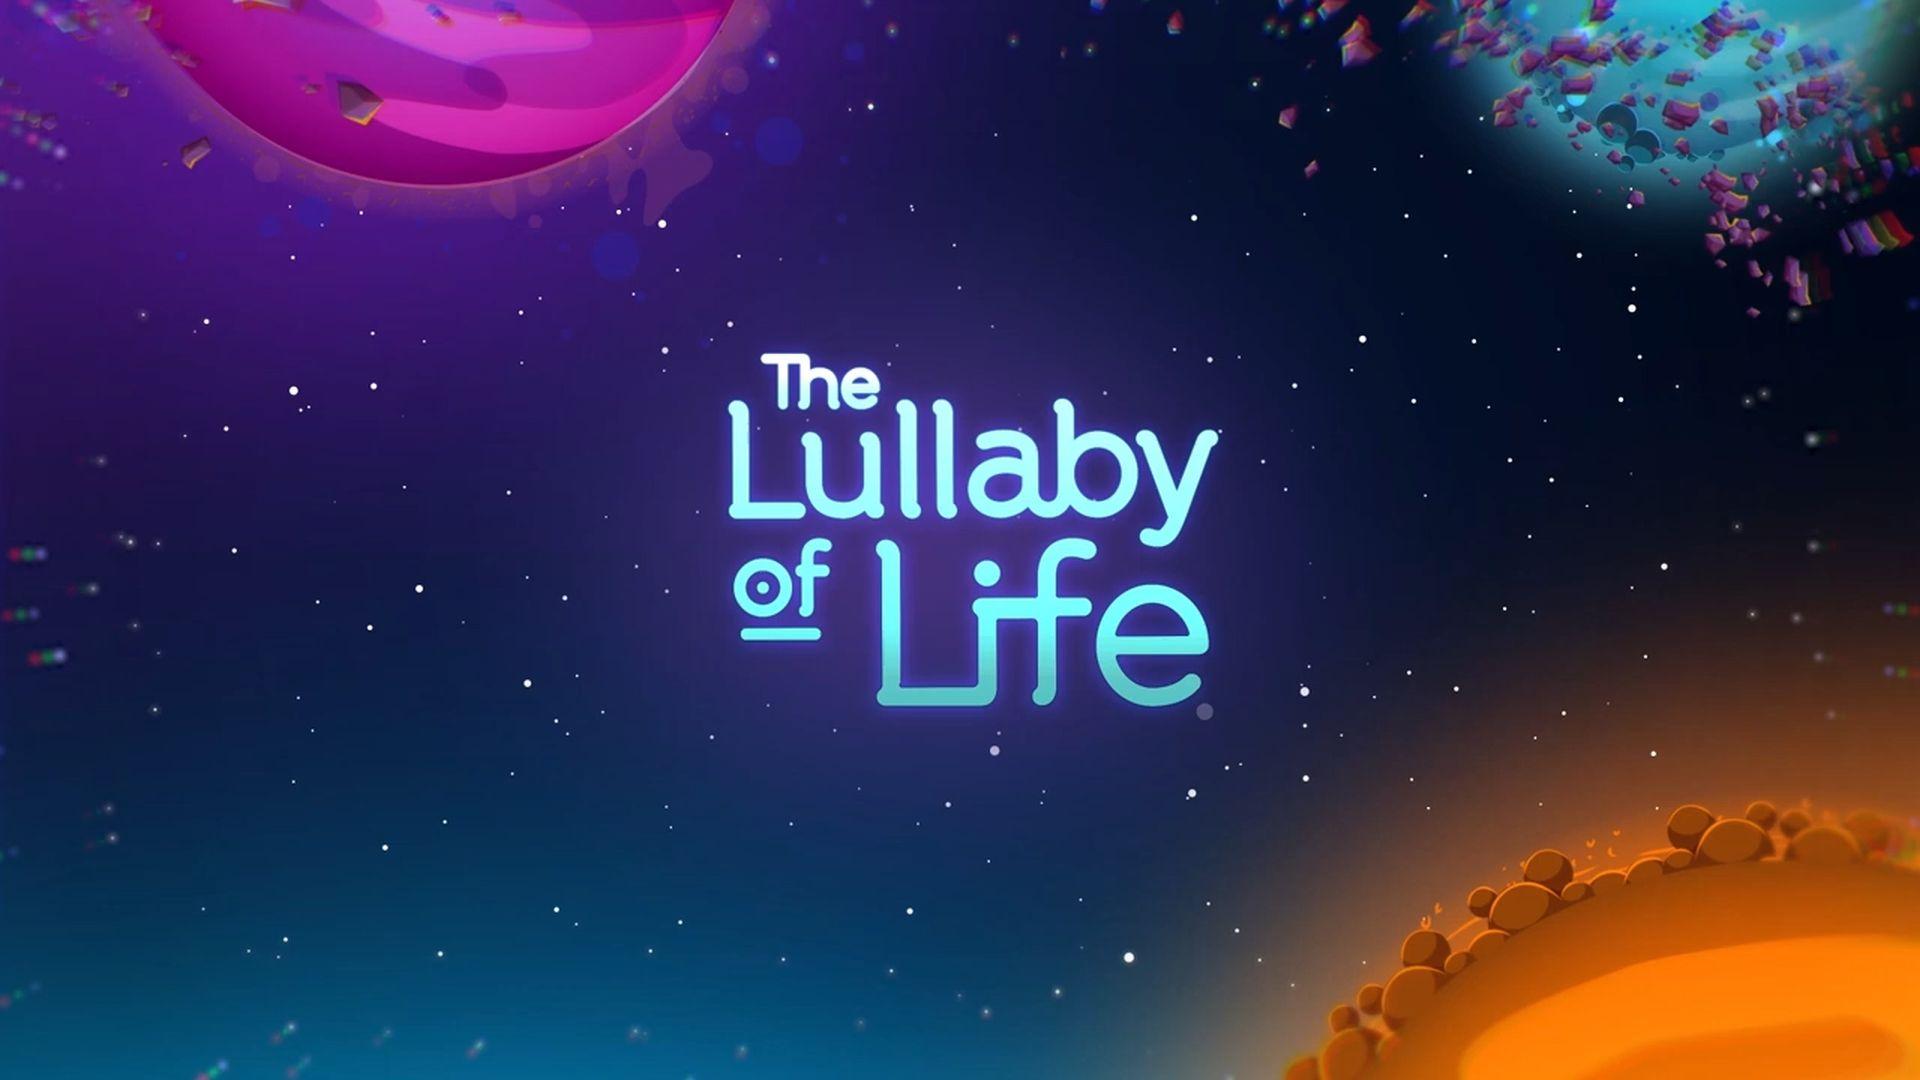 """Nowa gra """"The Lullaby of Life"""" dostępna w usłudze Apple Arcade"""